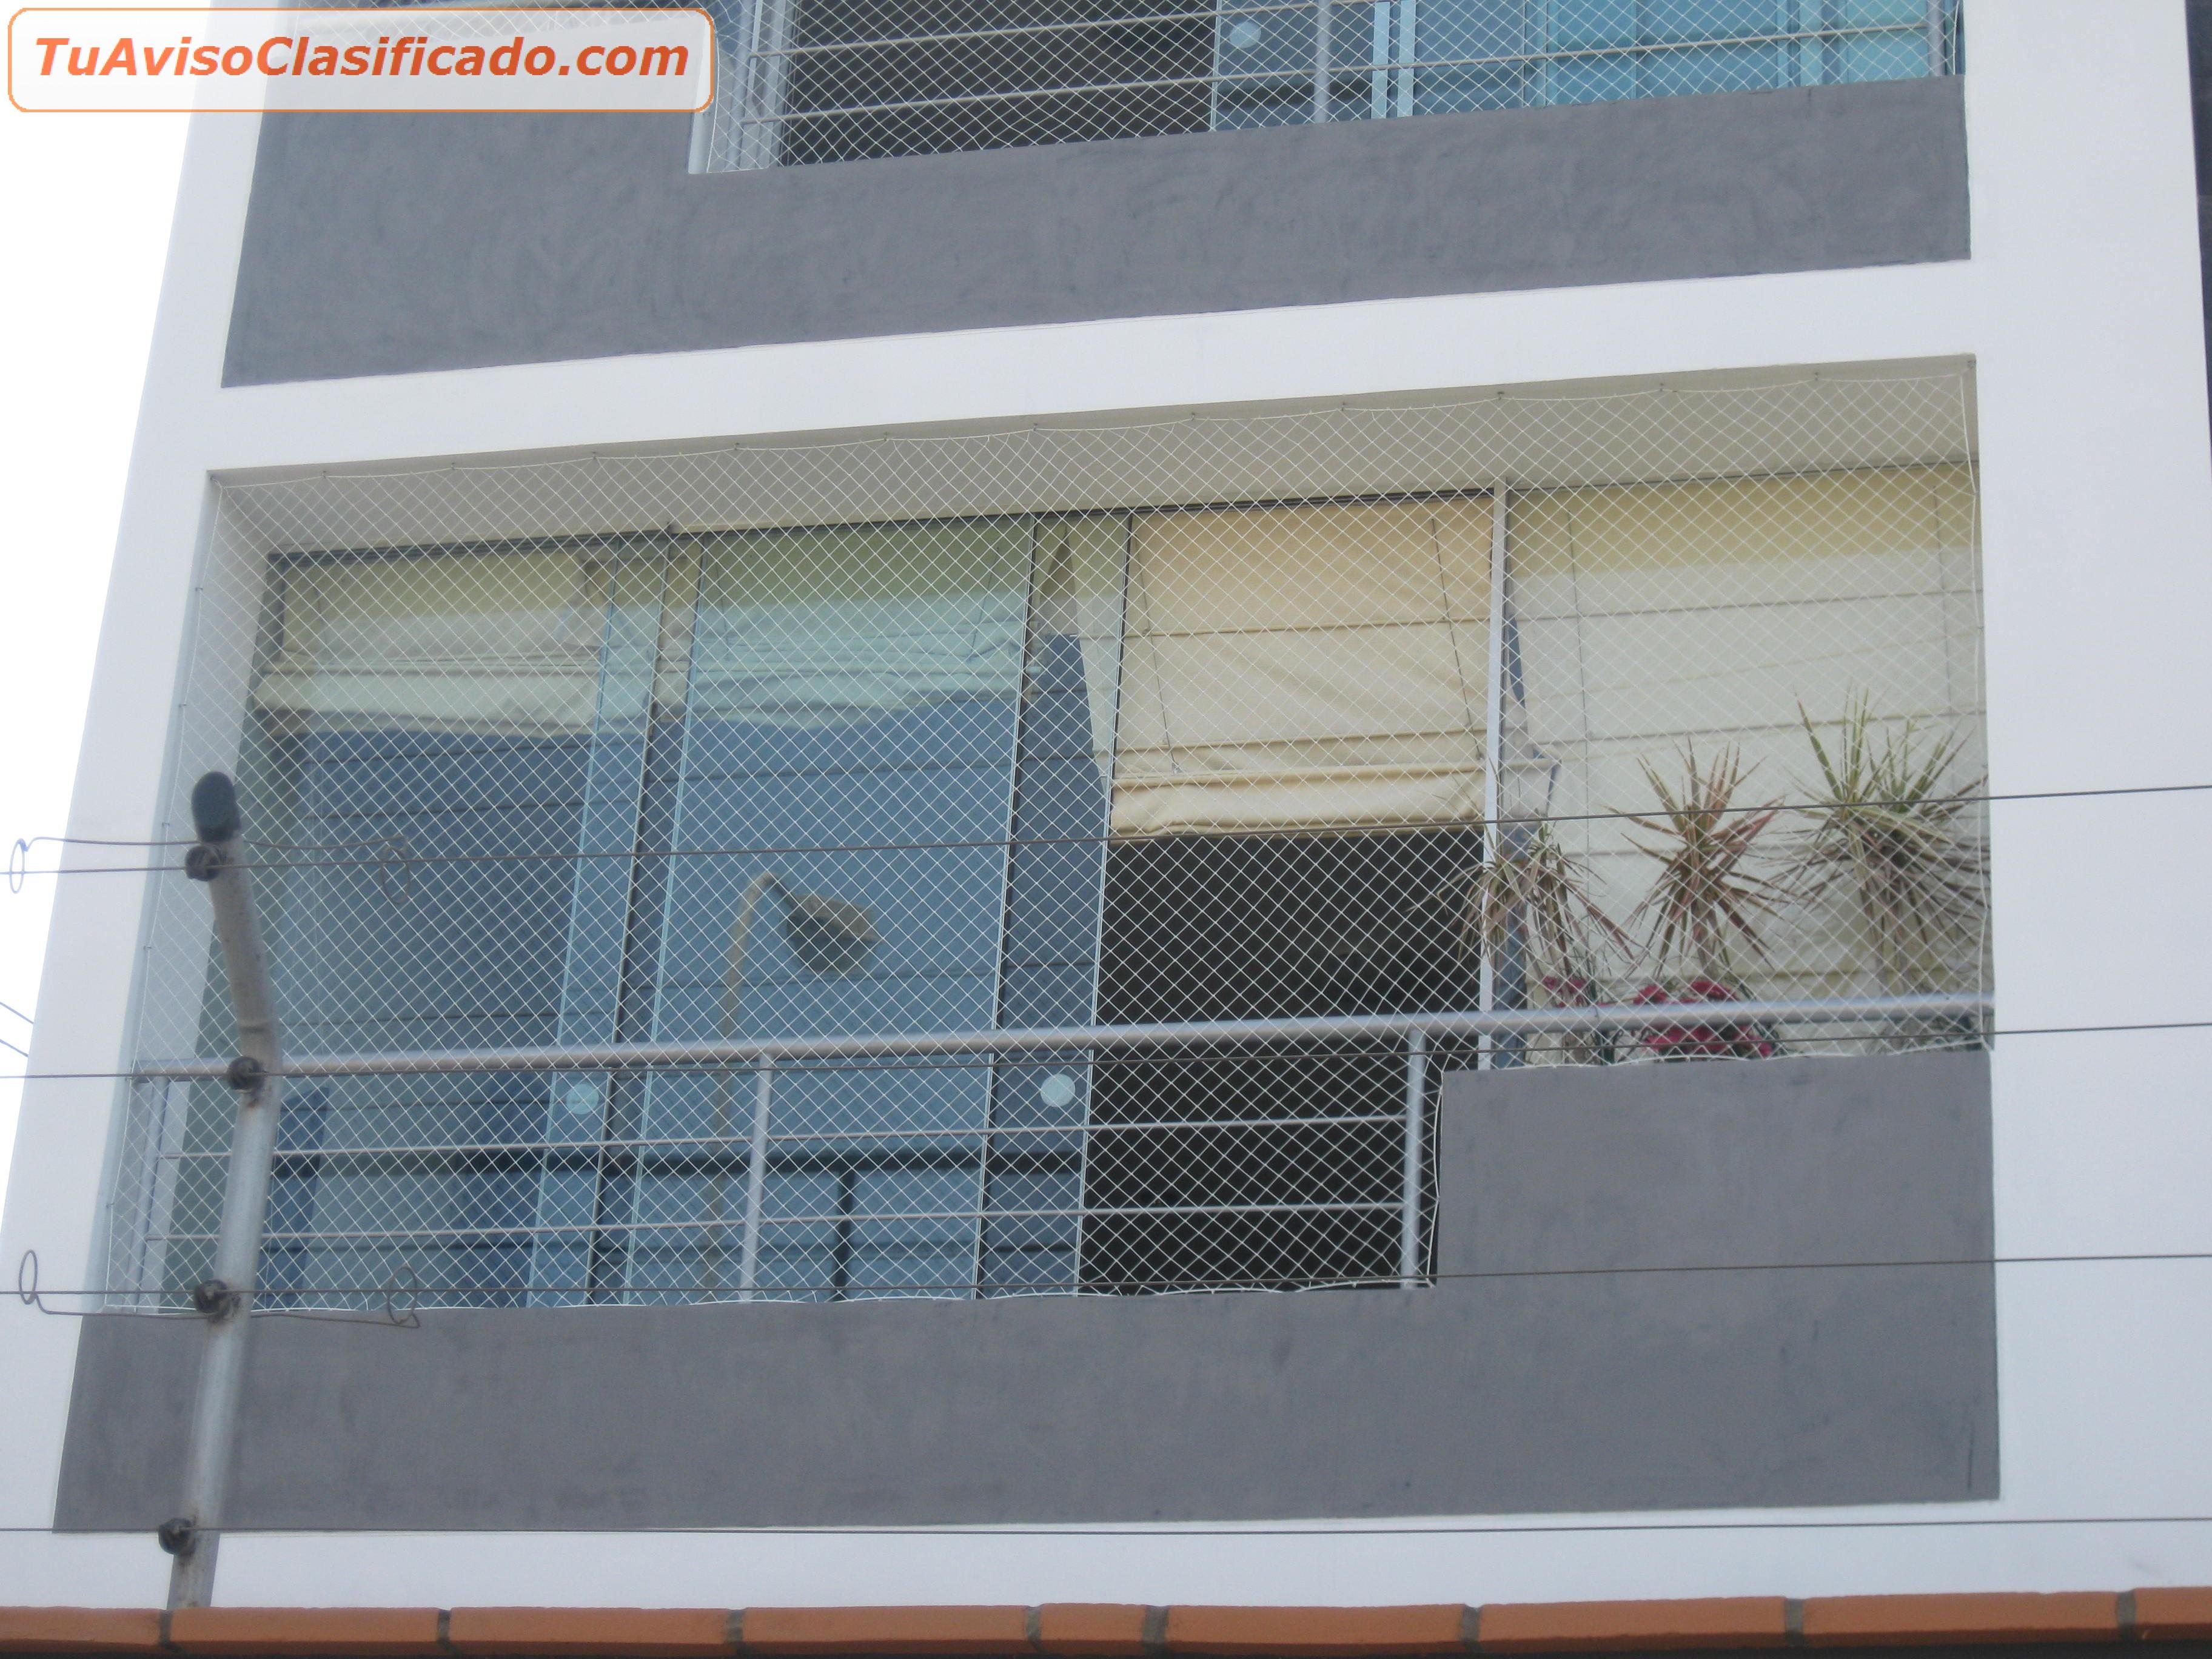 Mallas de seguridad protectoras para ni os en piscinas - Malla para balcones ...